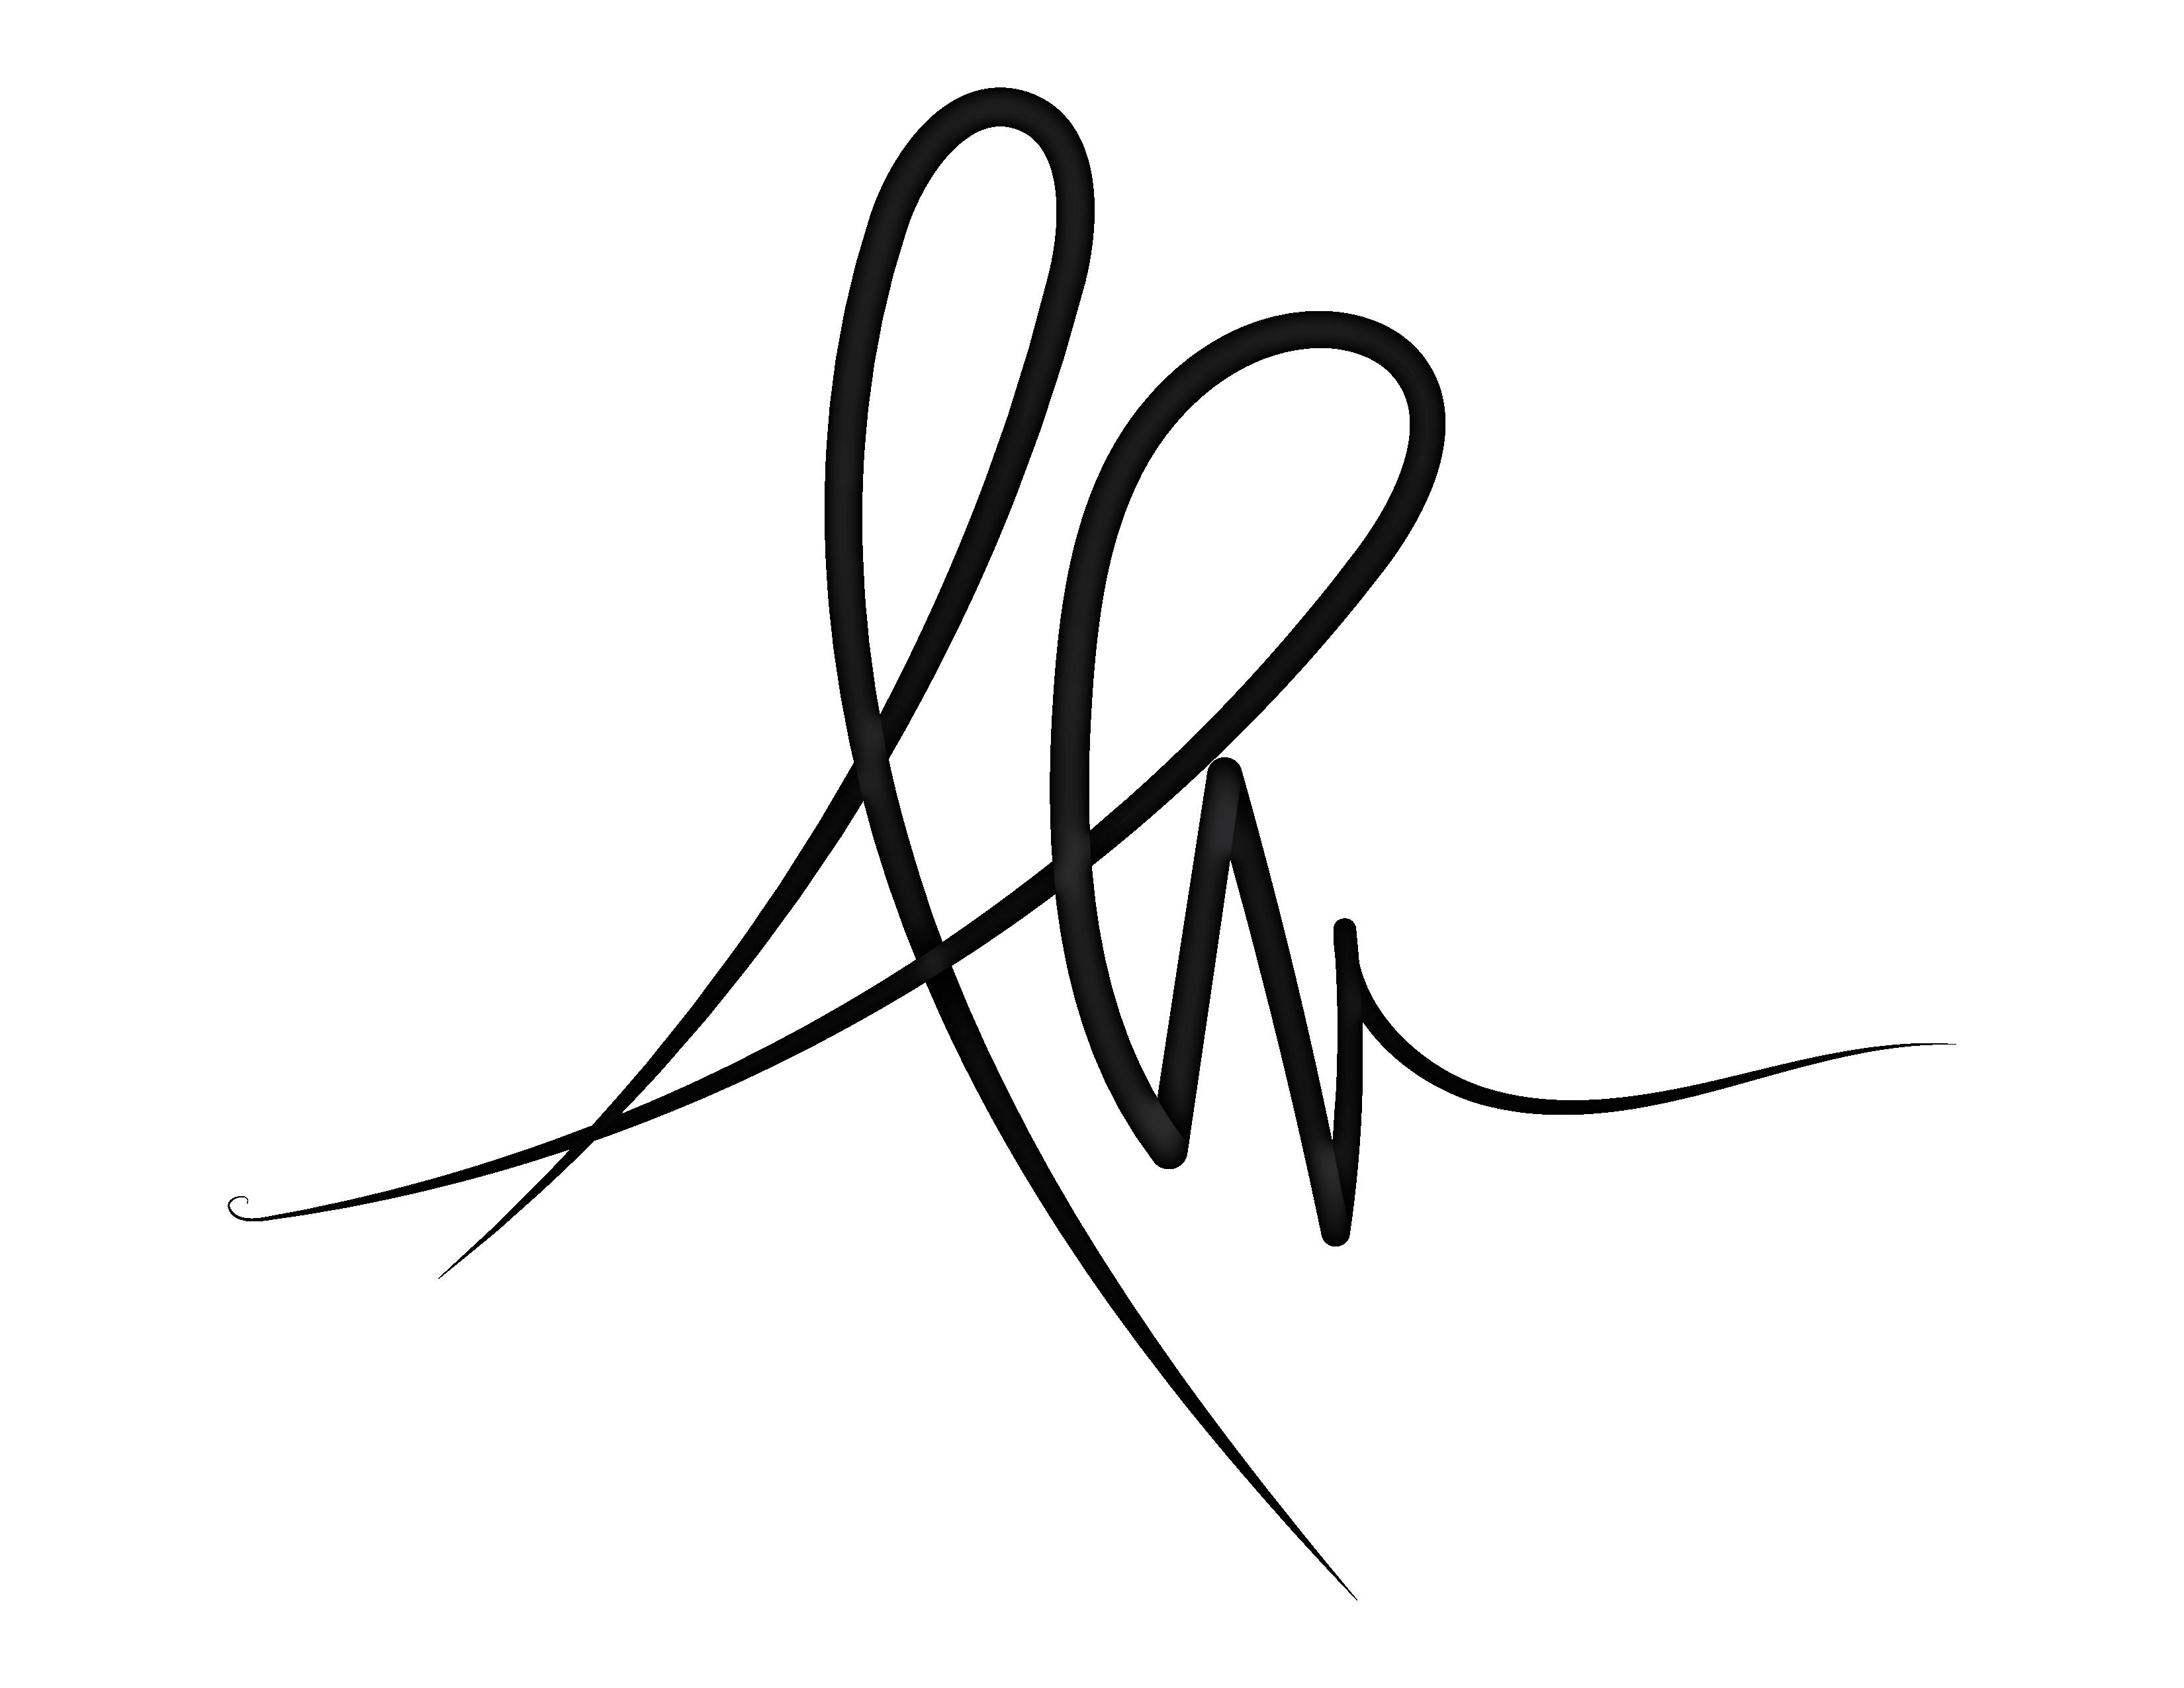 Austin Millsap's Signature